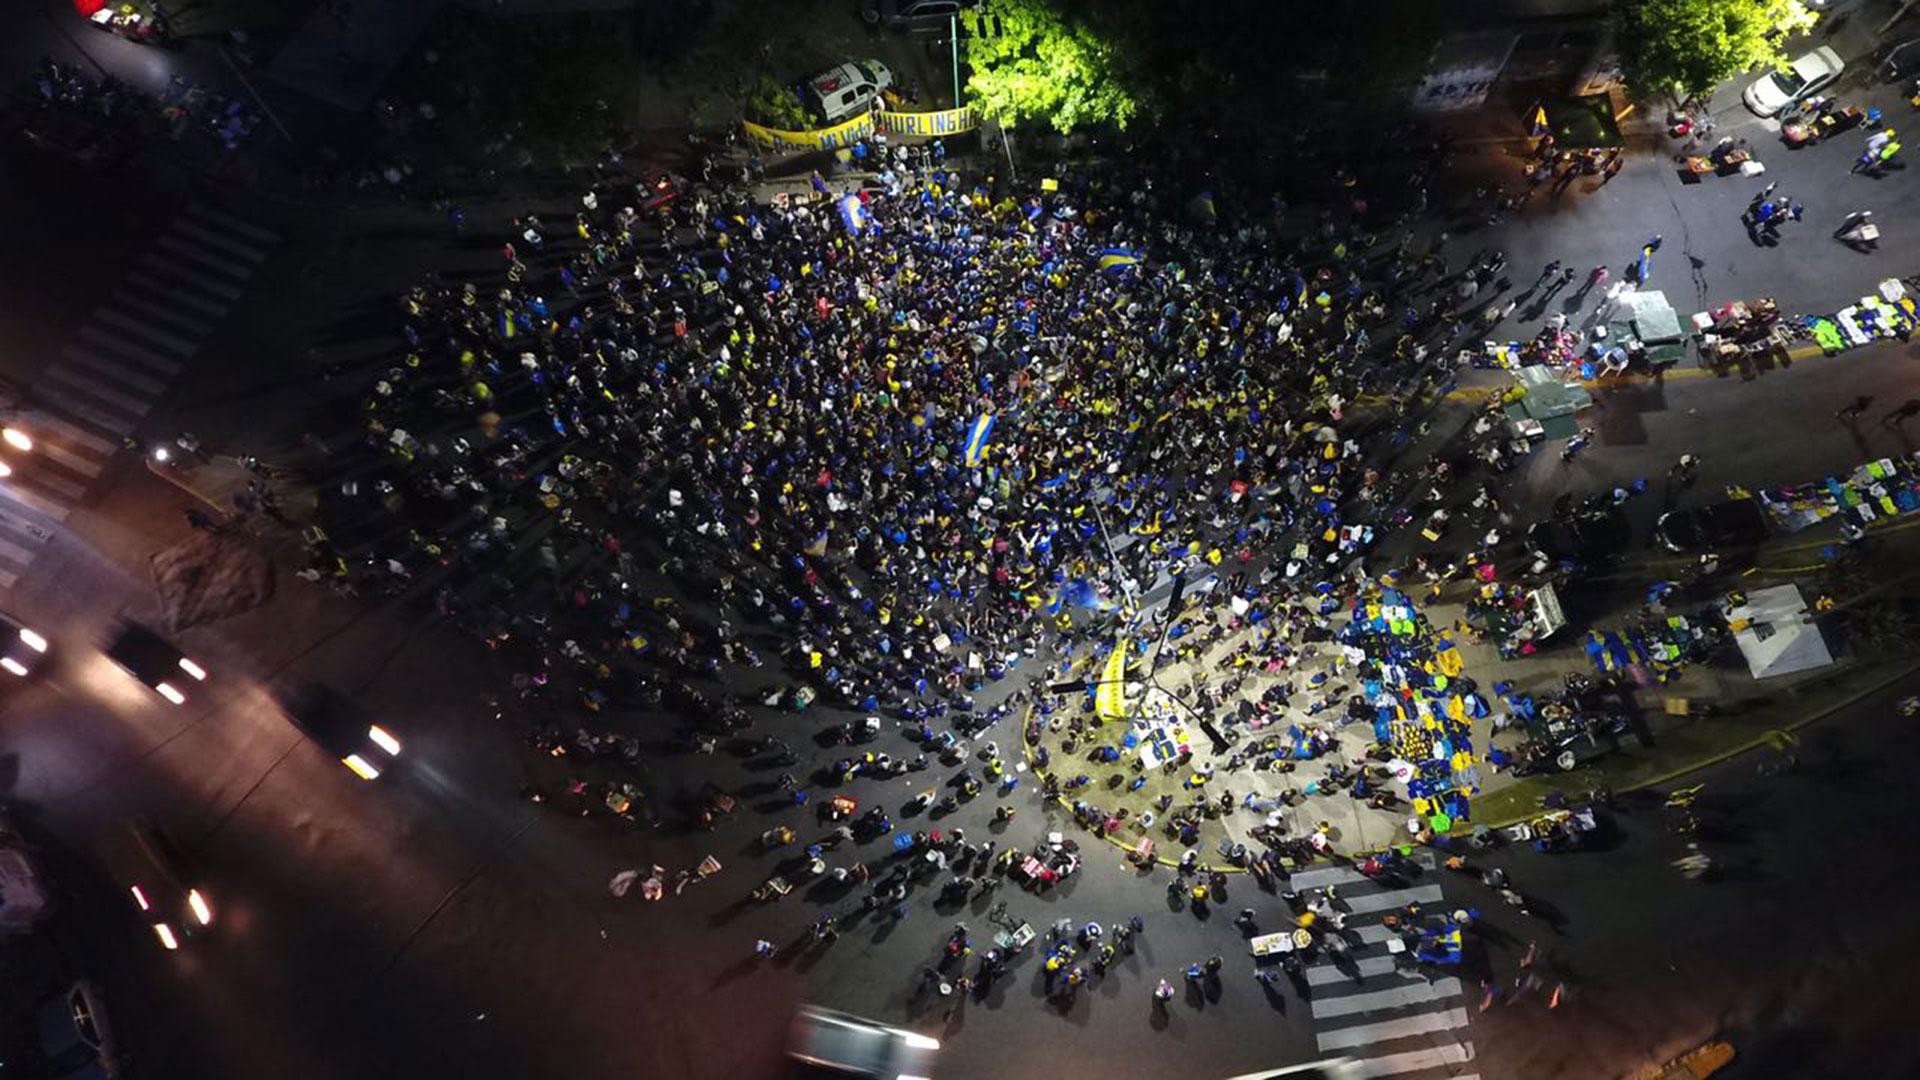 Como si se tratara de una procesión en busca de la gloria, los hinchas de Boca improvisaron un banderazo